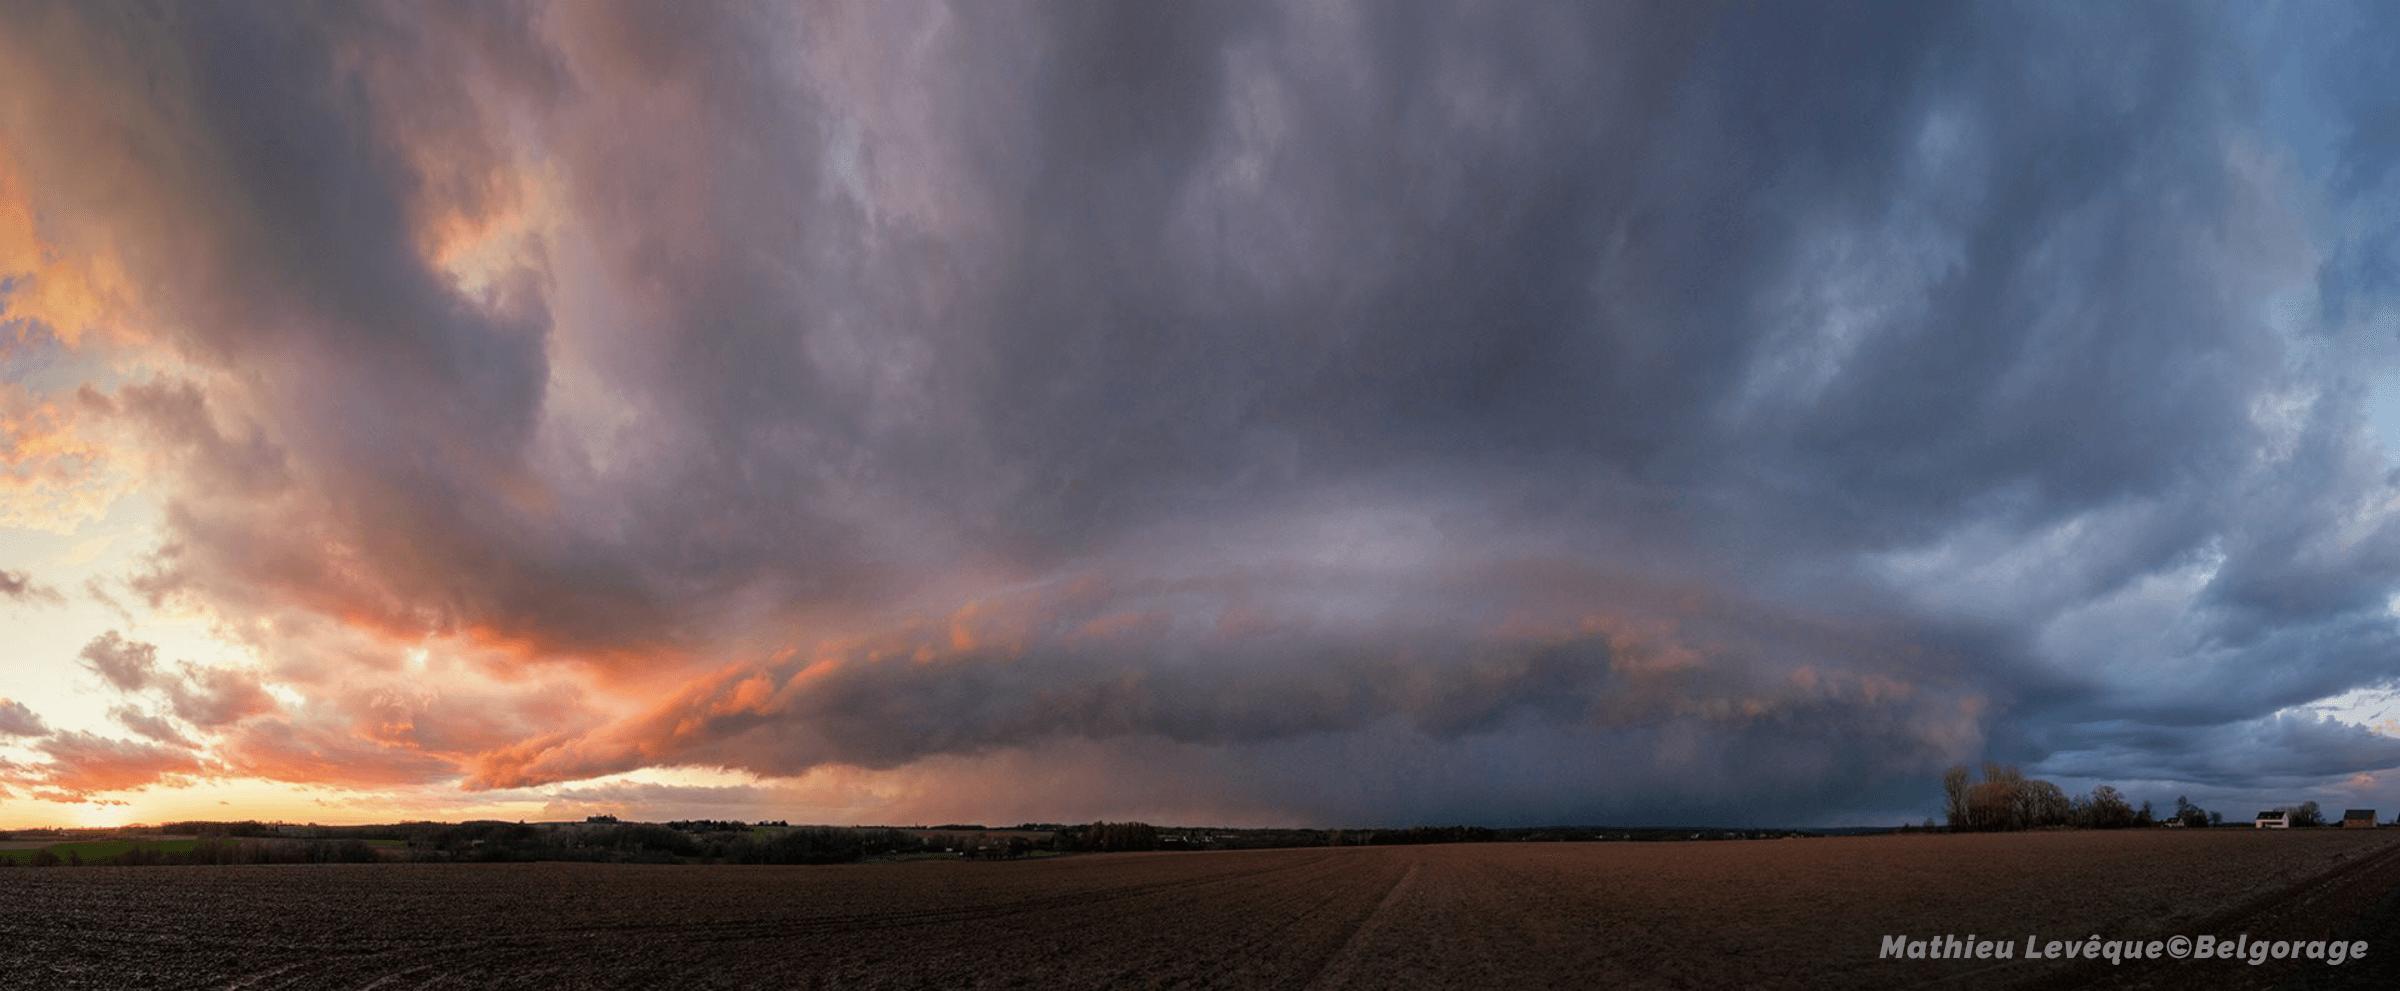 Arcus devançant une cellule orageuse dans la région de Ninove, en province de Flandre Orientale, le 10 mars 2019 vers 19h00. Crédit photo : Mathieu Levêque